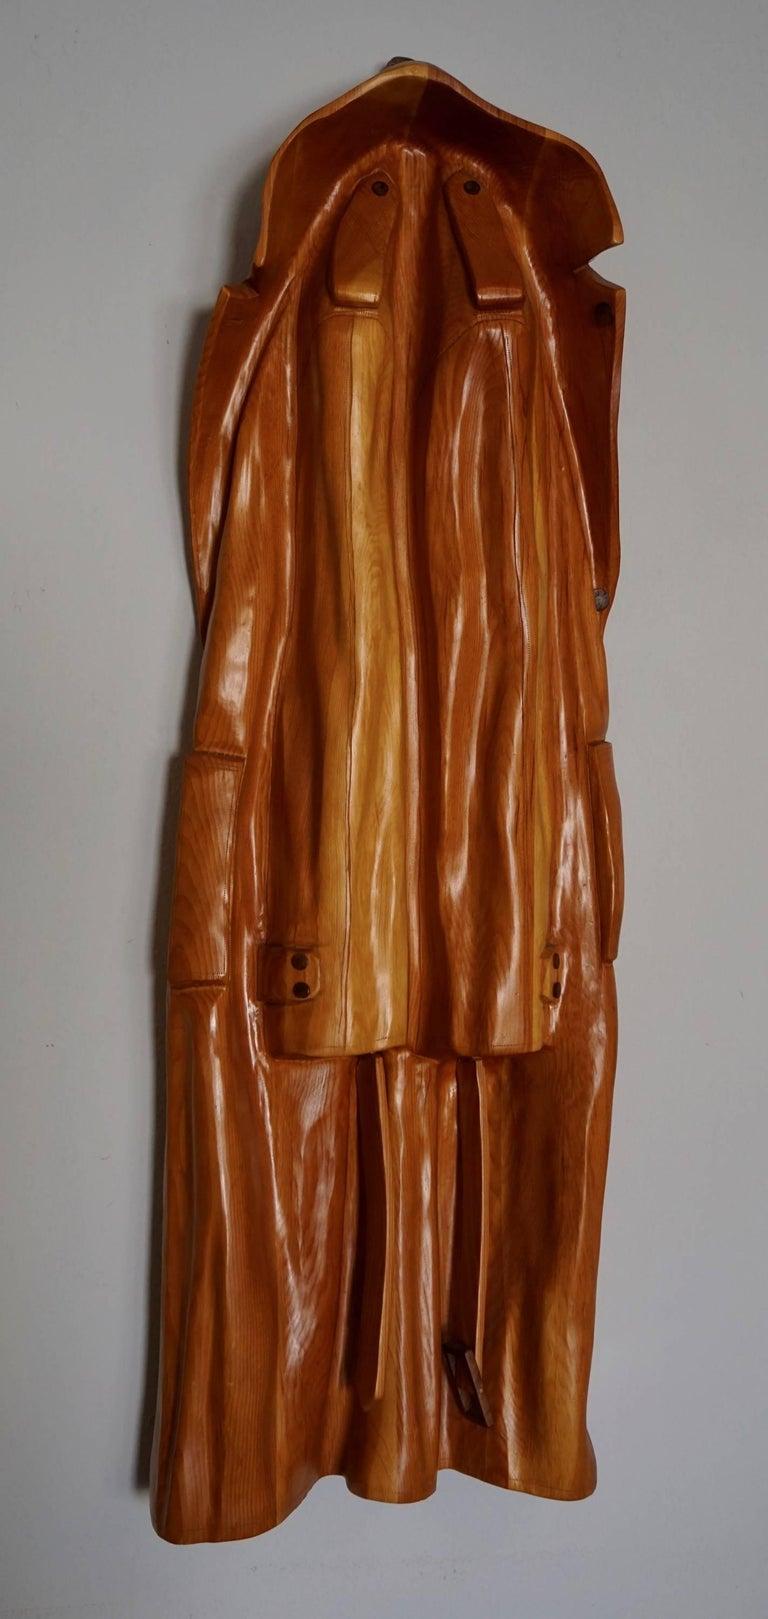 Pop Art Loaf of Bread Sculpture by Rene Megroz For Sale 1